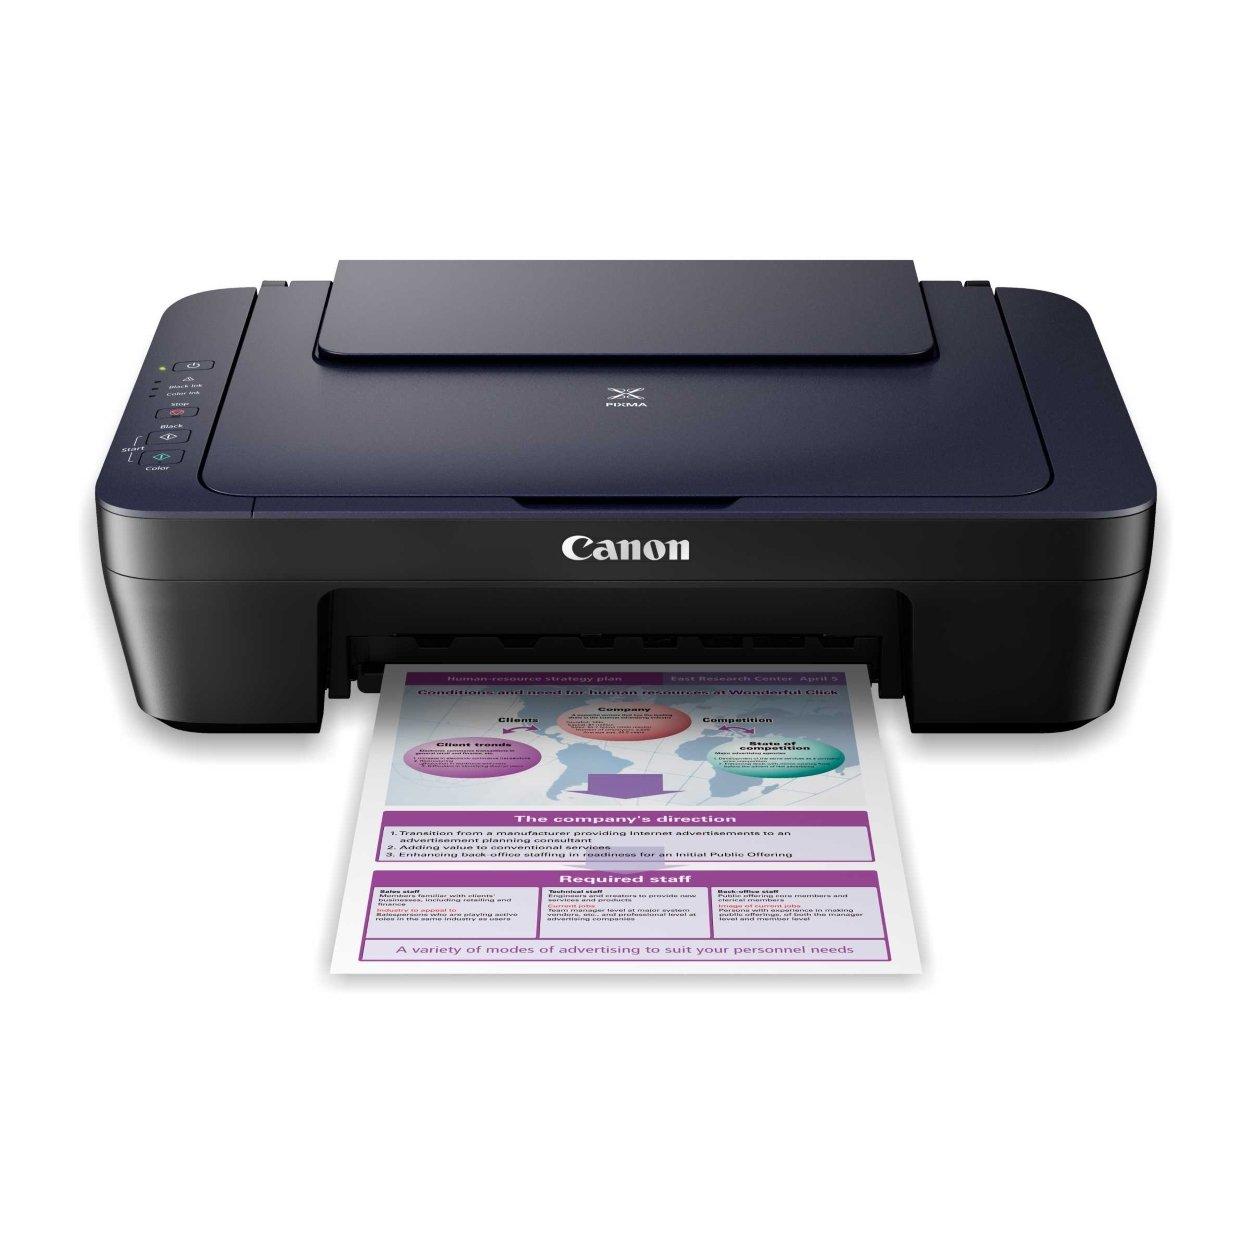 Canon S200spx Inkjet Printer Driver For Windows 7 64 Bit